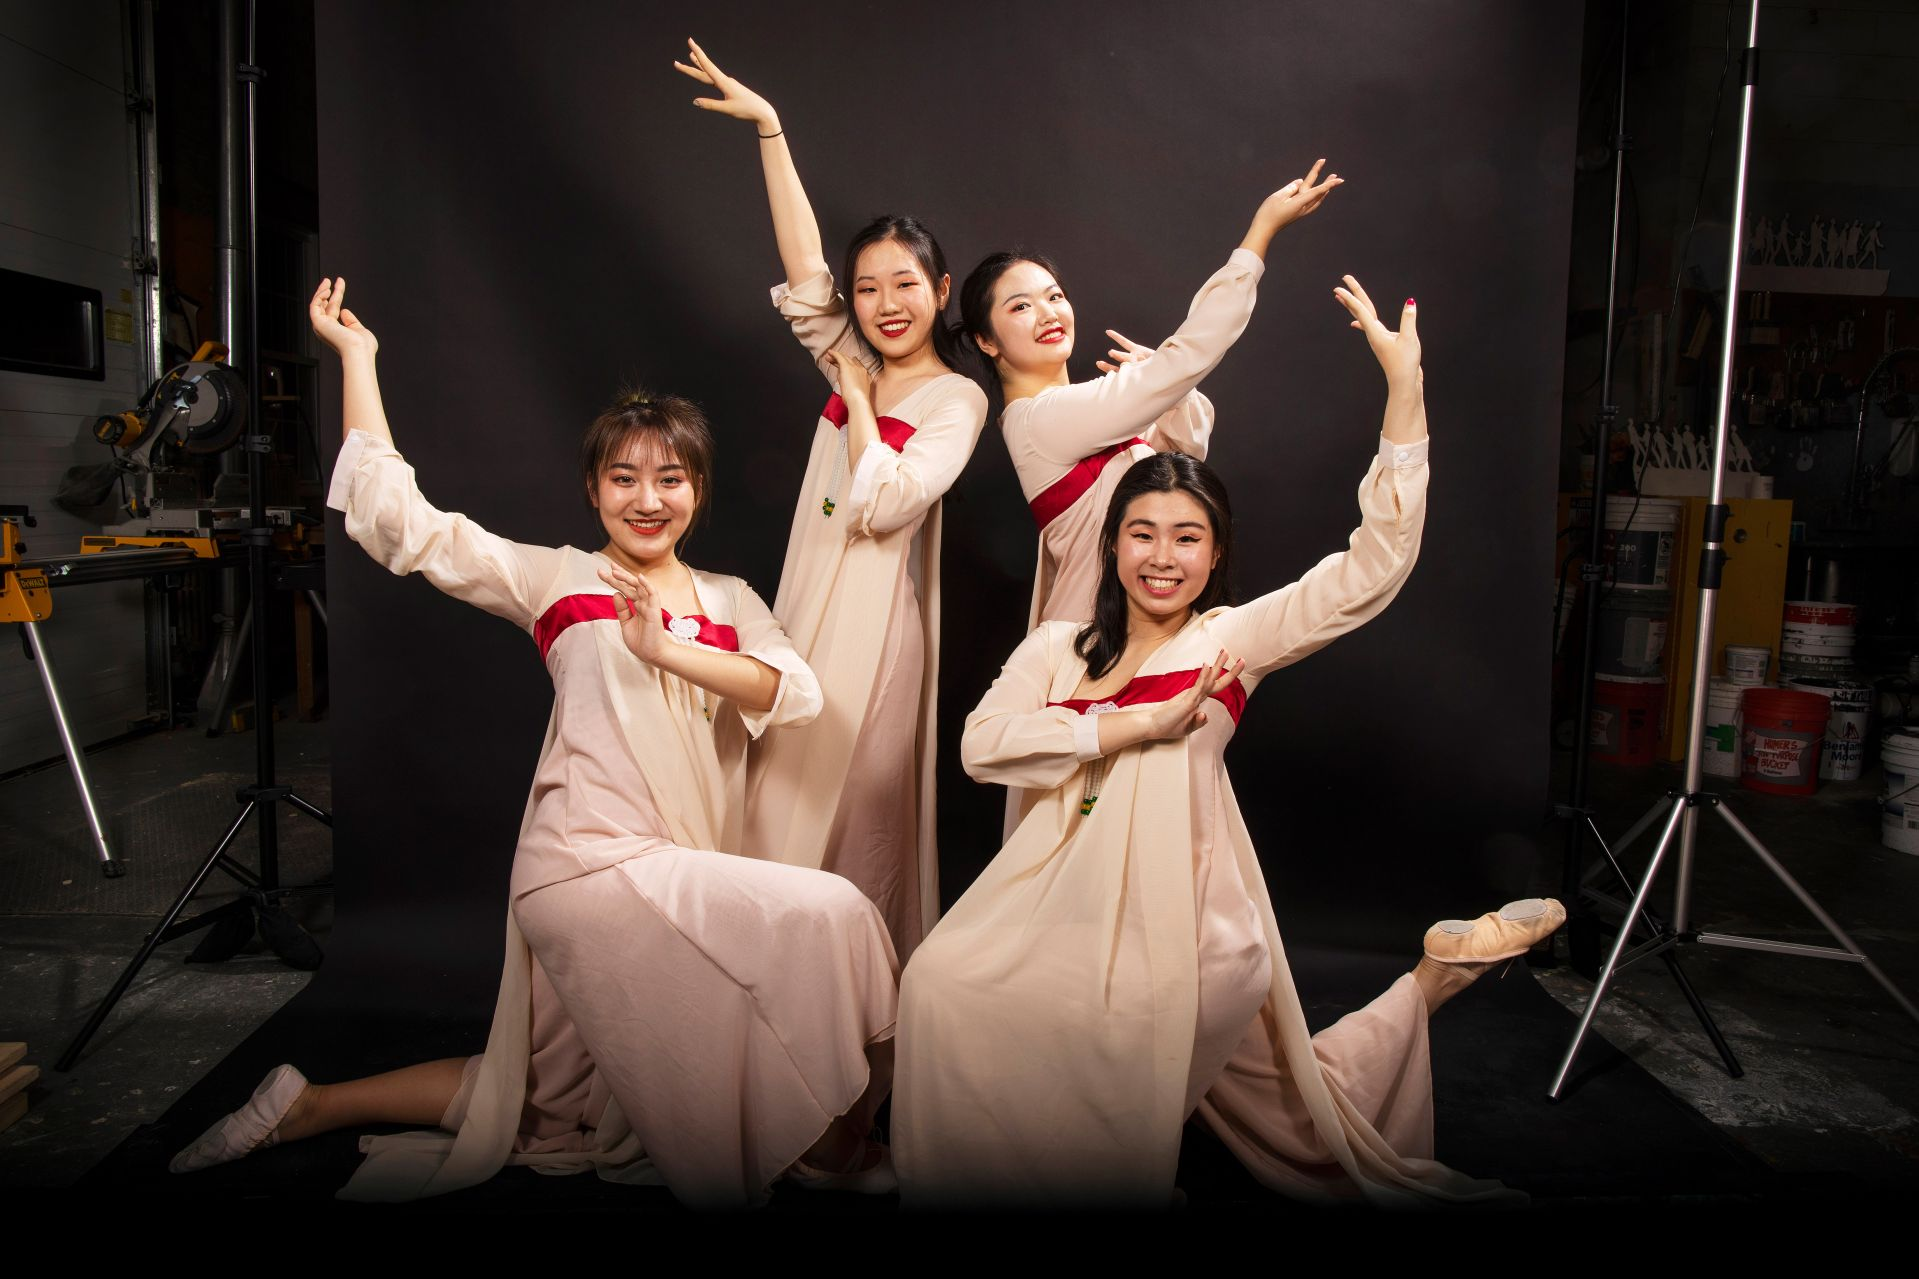 From left, Yoyo Tang '22, Scarlett Wang '23, Sophia Zhang '23, and Yun Zhang '23.